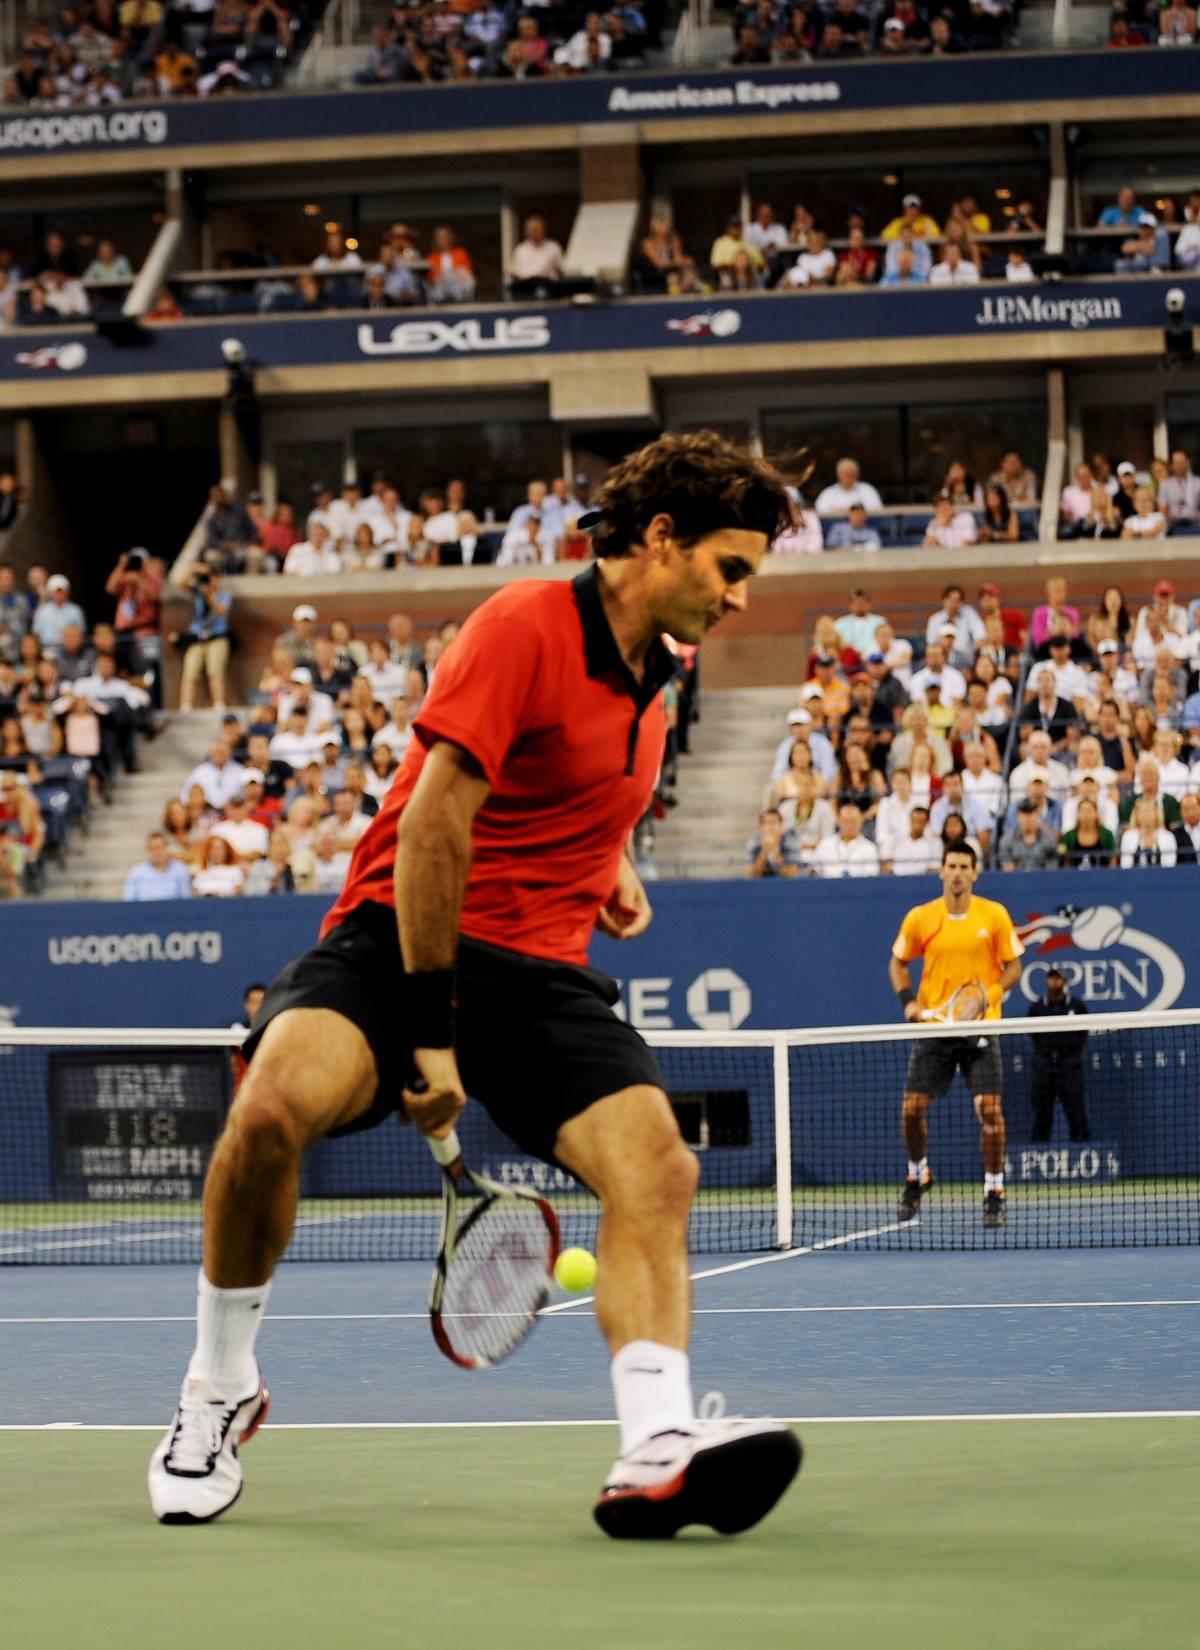 Il colpo perfetto di Federer